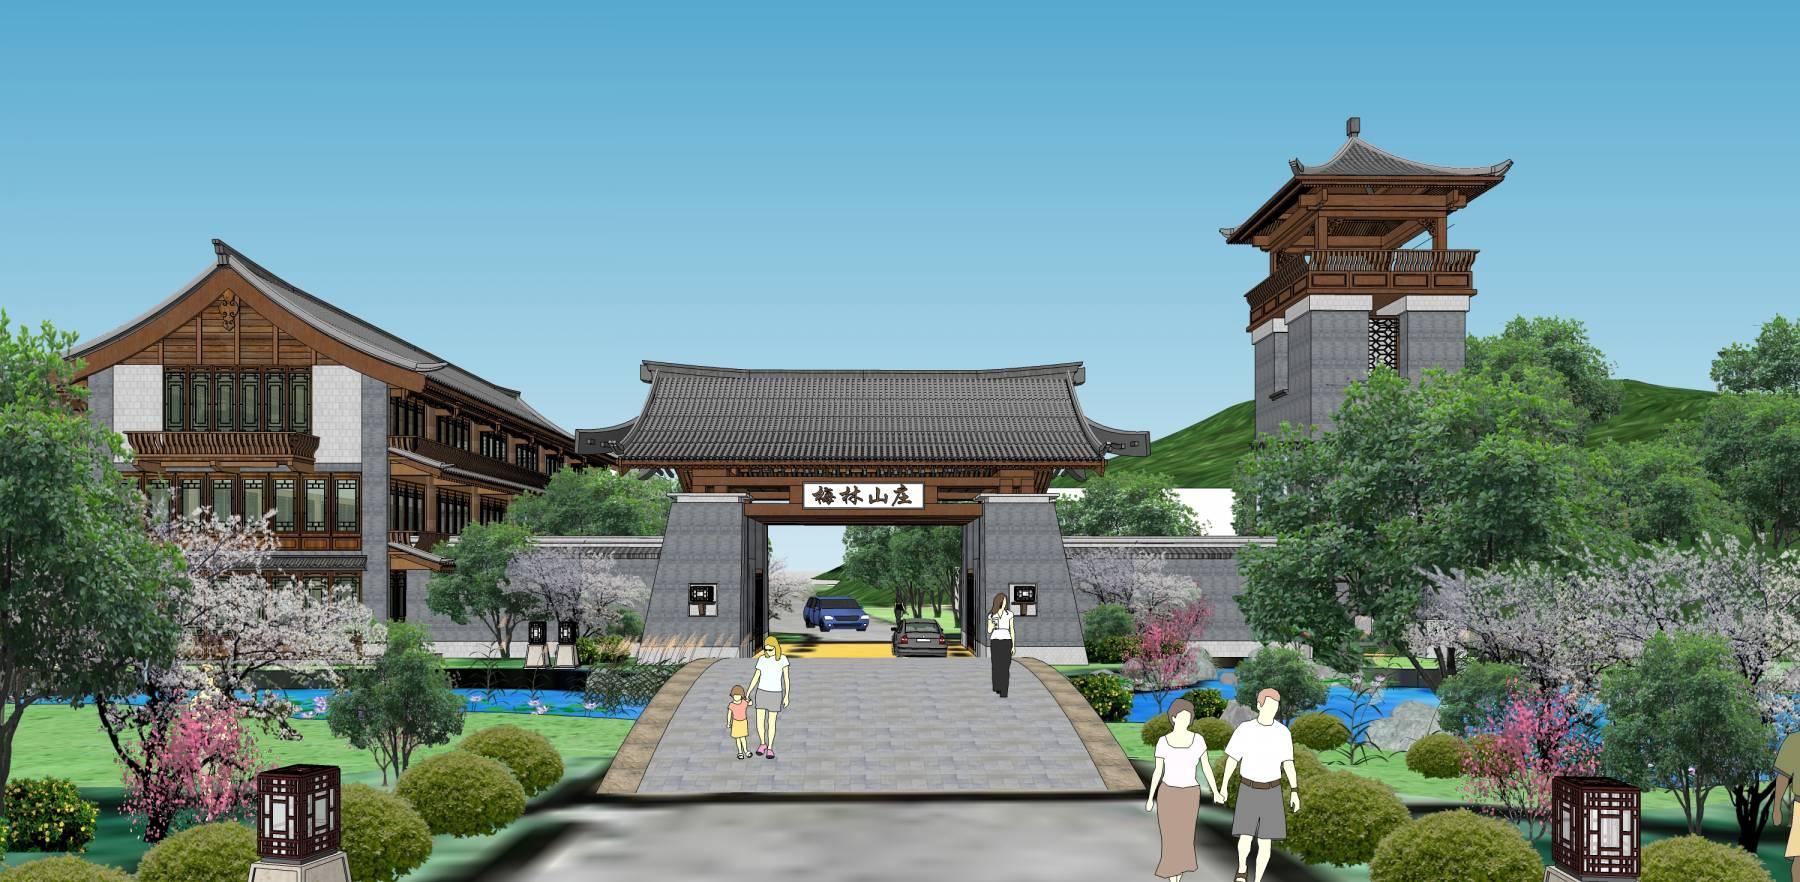 中式度假山庄度假酒店公园入口休闲农庄入口景观会所入口su